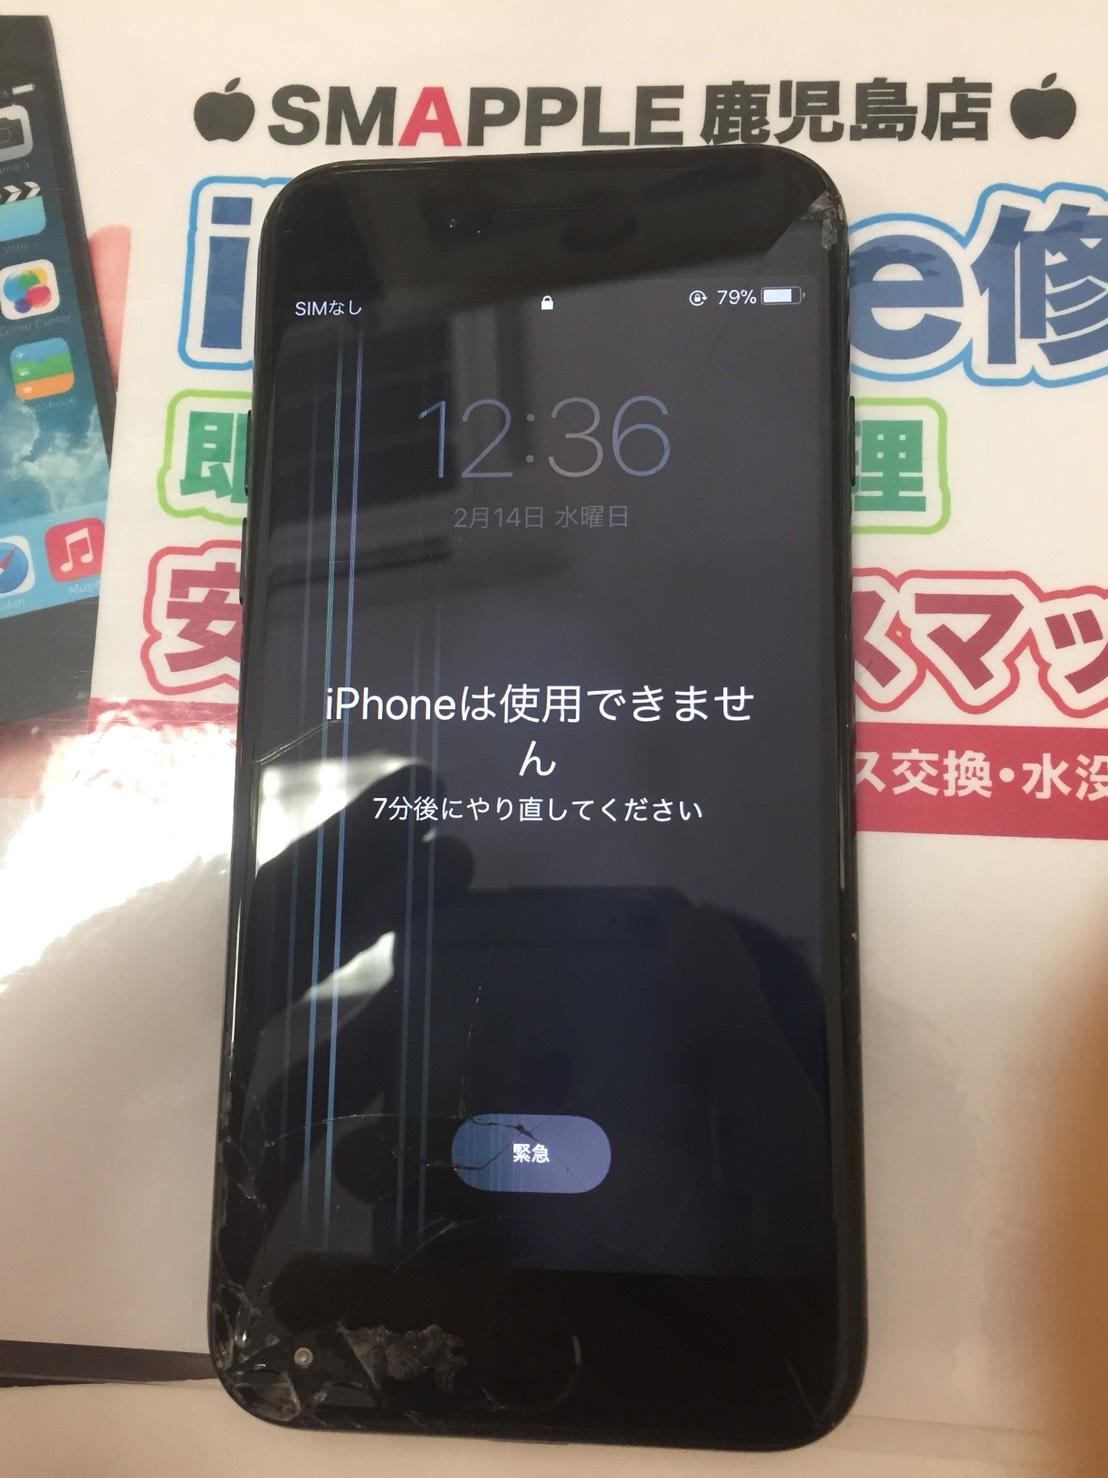 iPhoneは使用できません